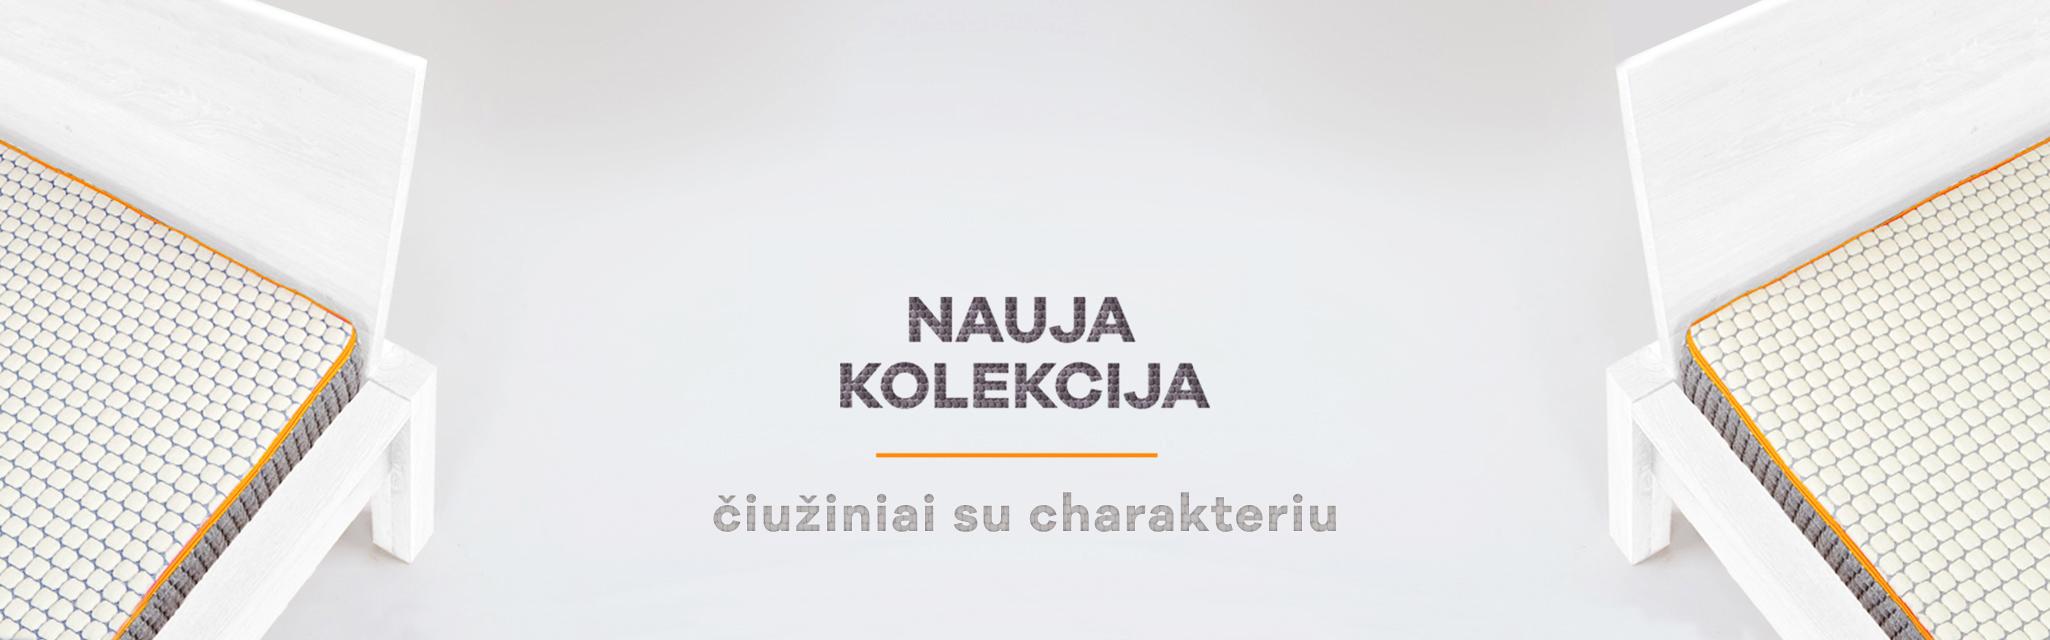 Nauja_kolekcija_Ciuziniai